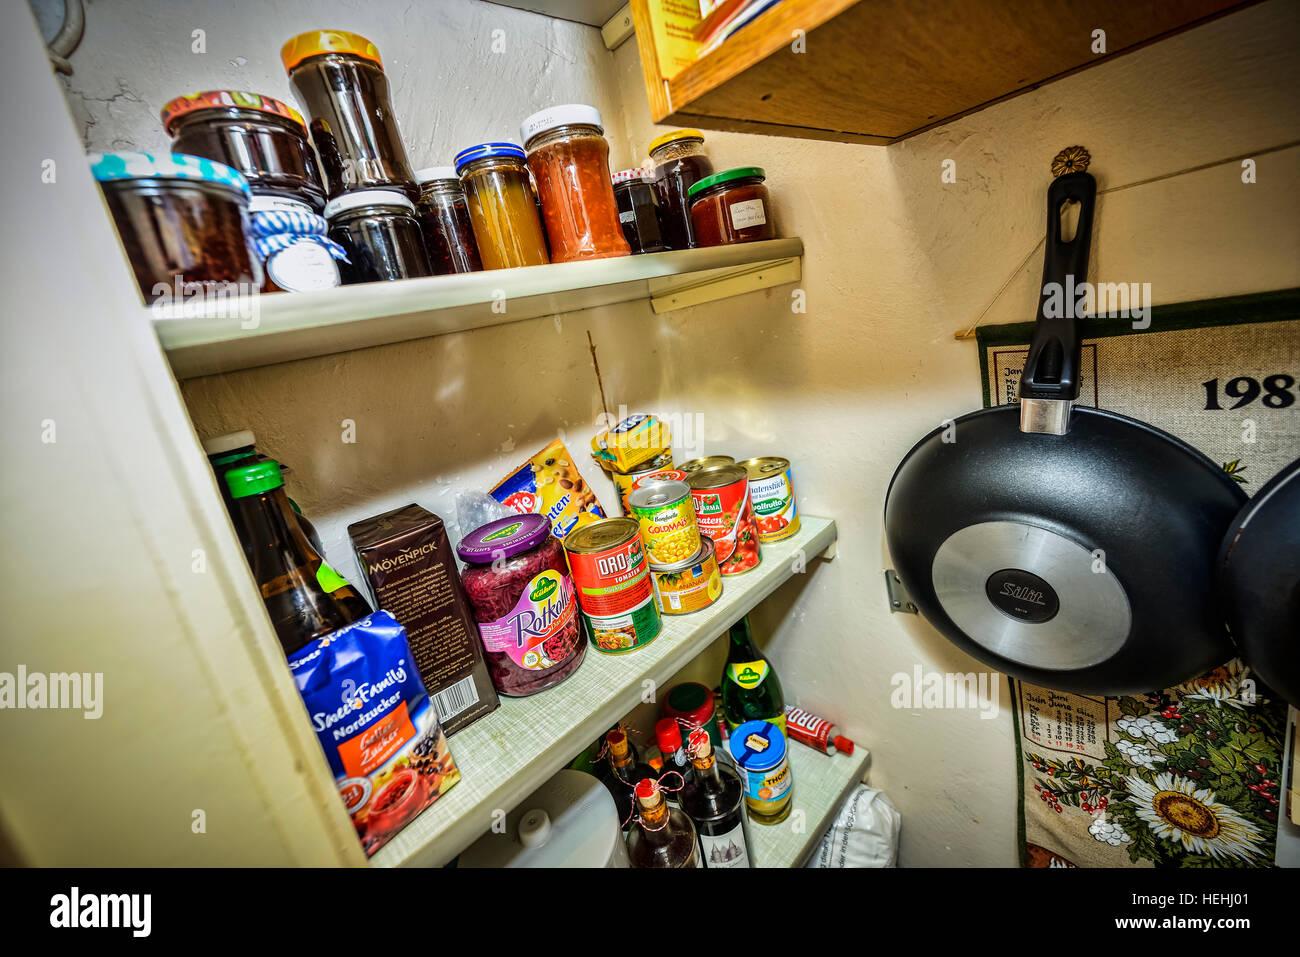 Speisekammer mit Konservendosen und Einmachglaesern Foto Stock